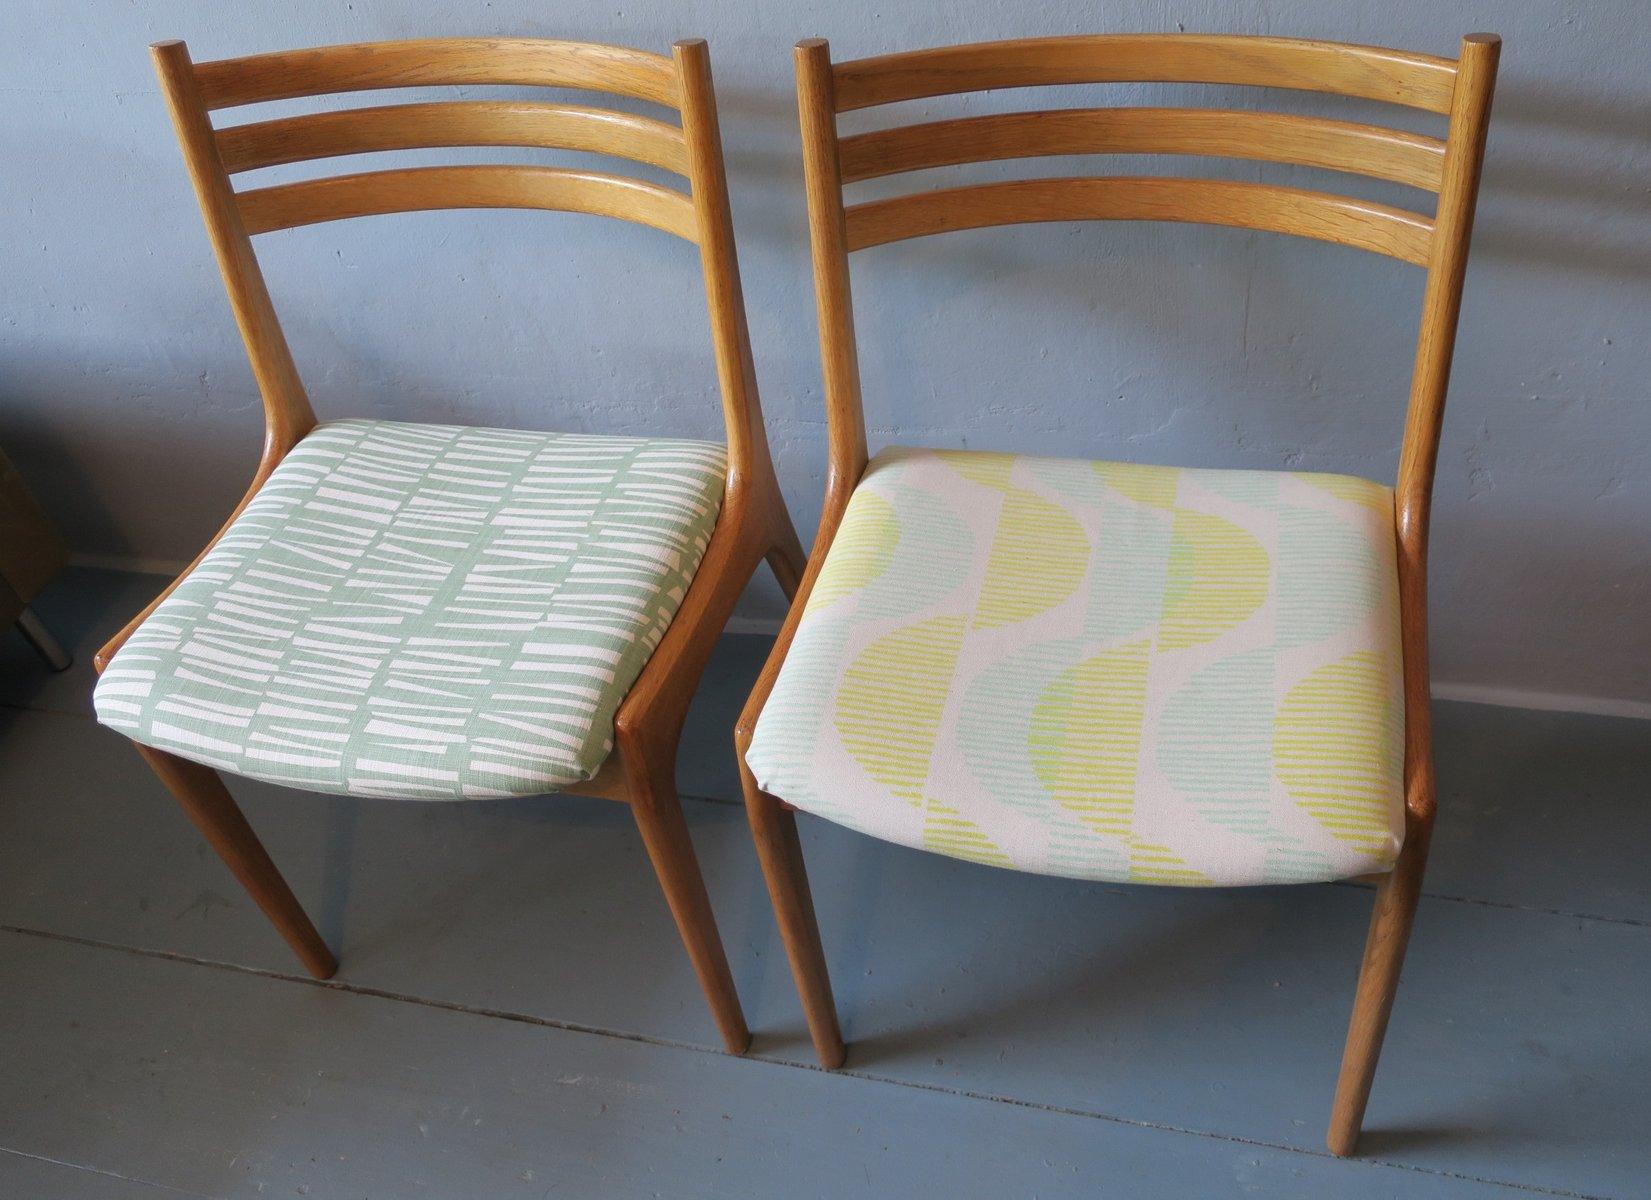 d nische st hle aus ulmenholz 1960er 2er set bei pamono kaufen. Black Bedroom Furniture Sets. Home Design Ideas